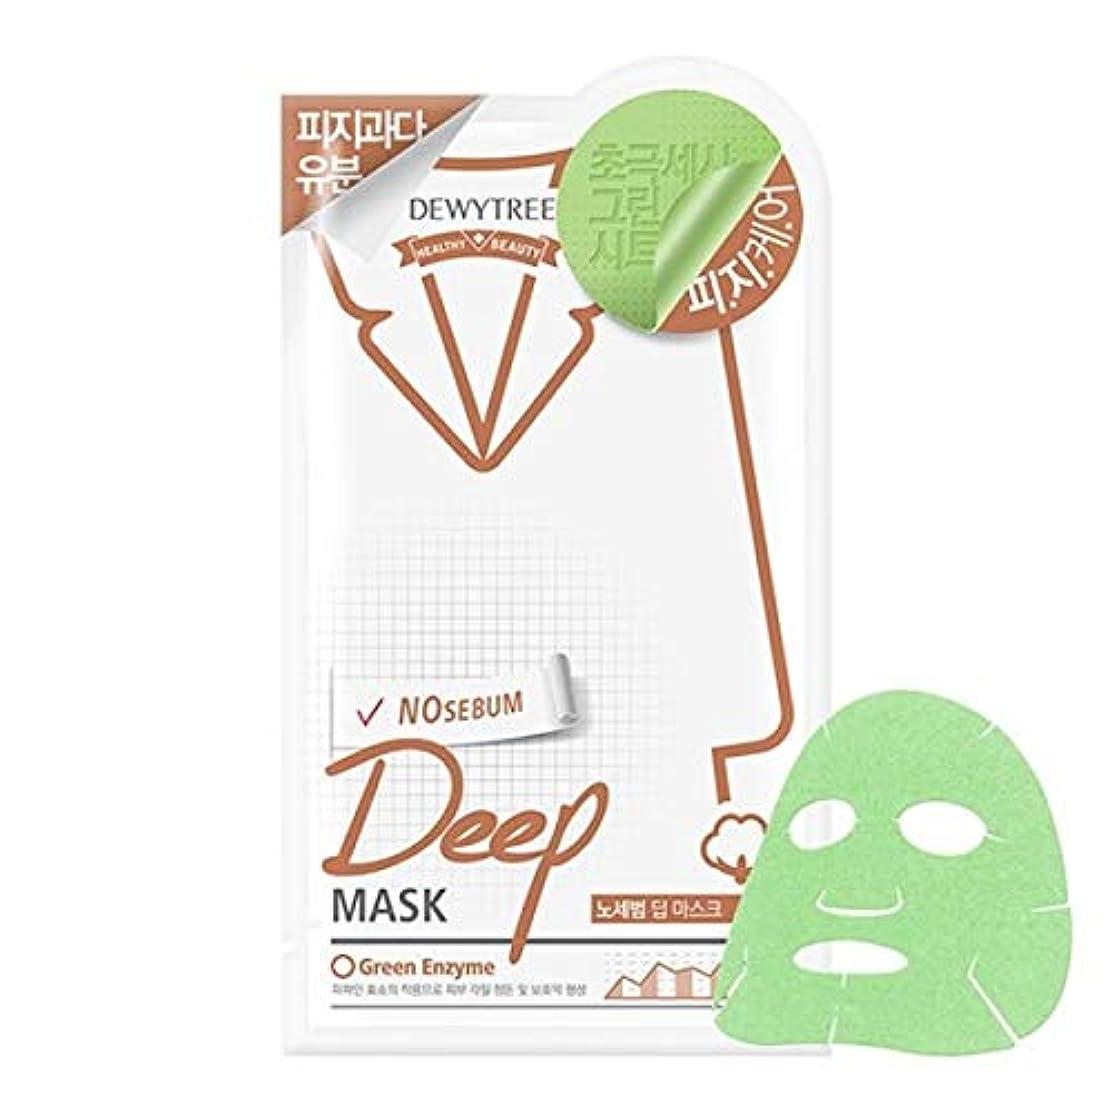 広く足音二年生(デューイトゥリー) DEWYTREE ノセボムディープマスク 20枚 Nosebum Deep Mask 韓国マスクパック (並行輸入品)